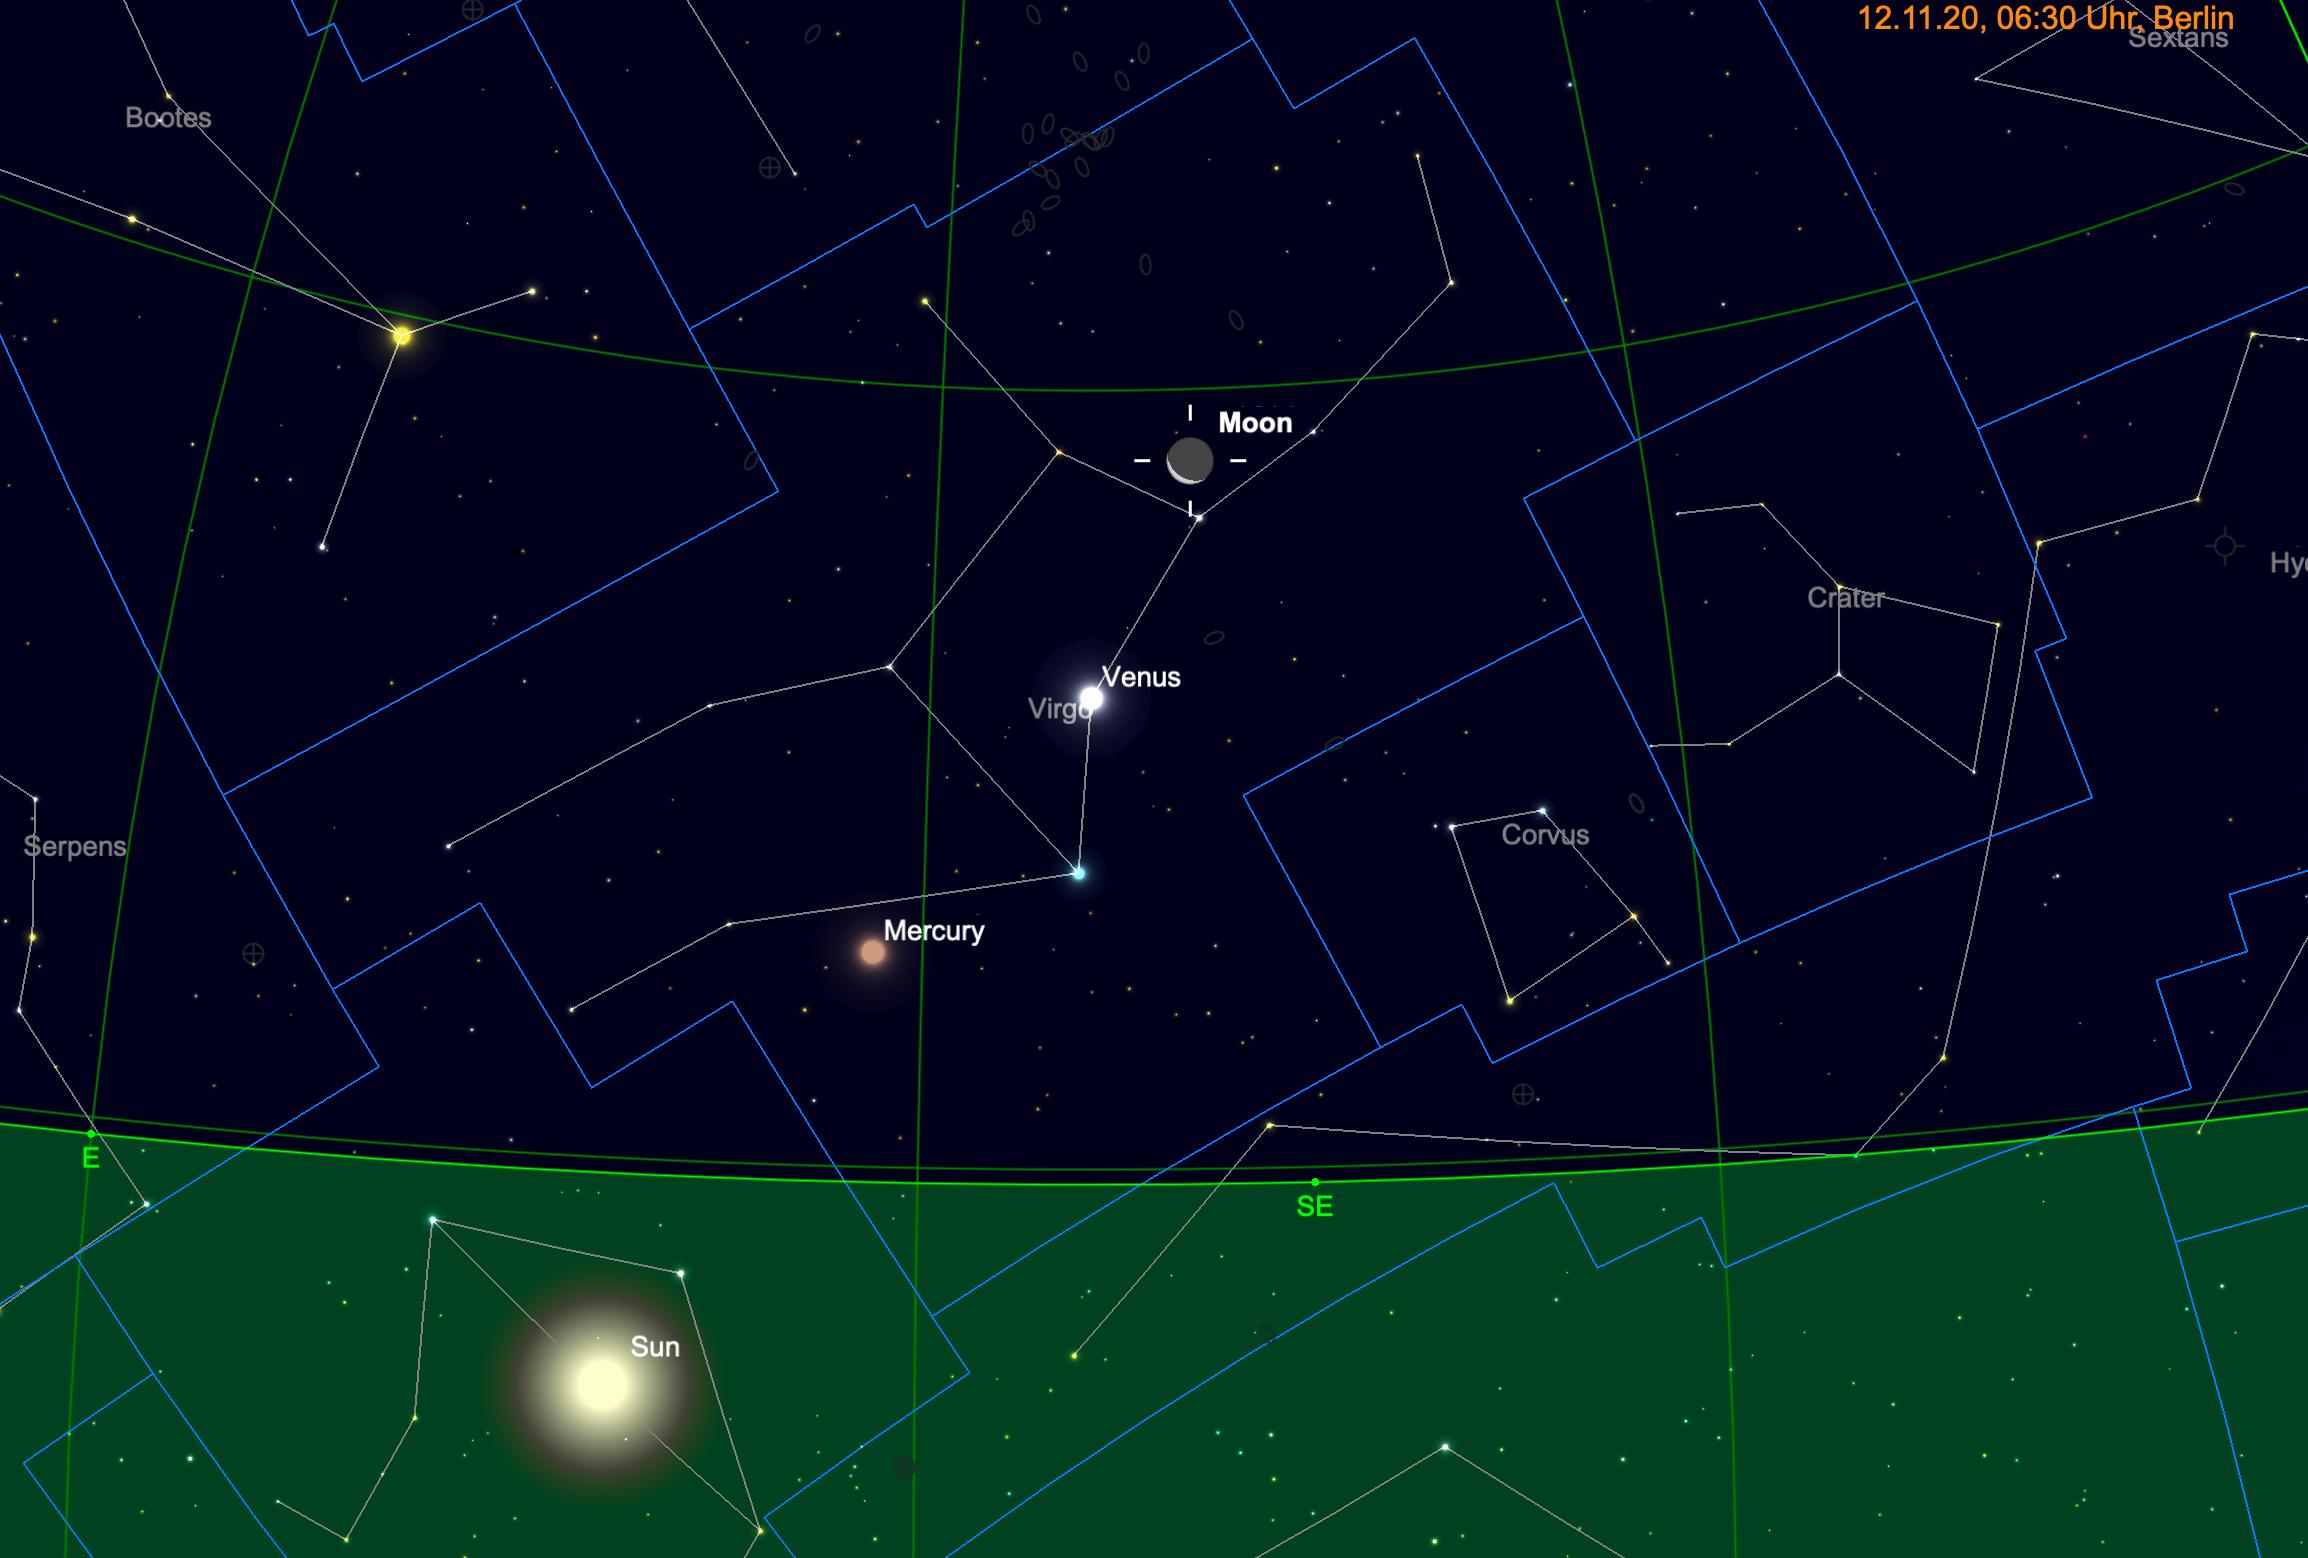 Mondsichel, Venus und Merkur